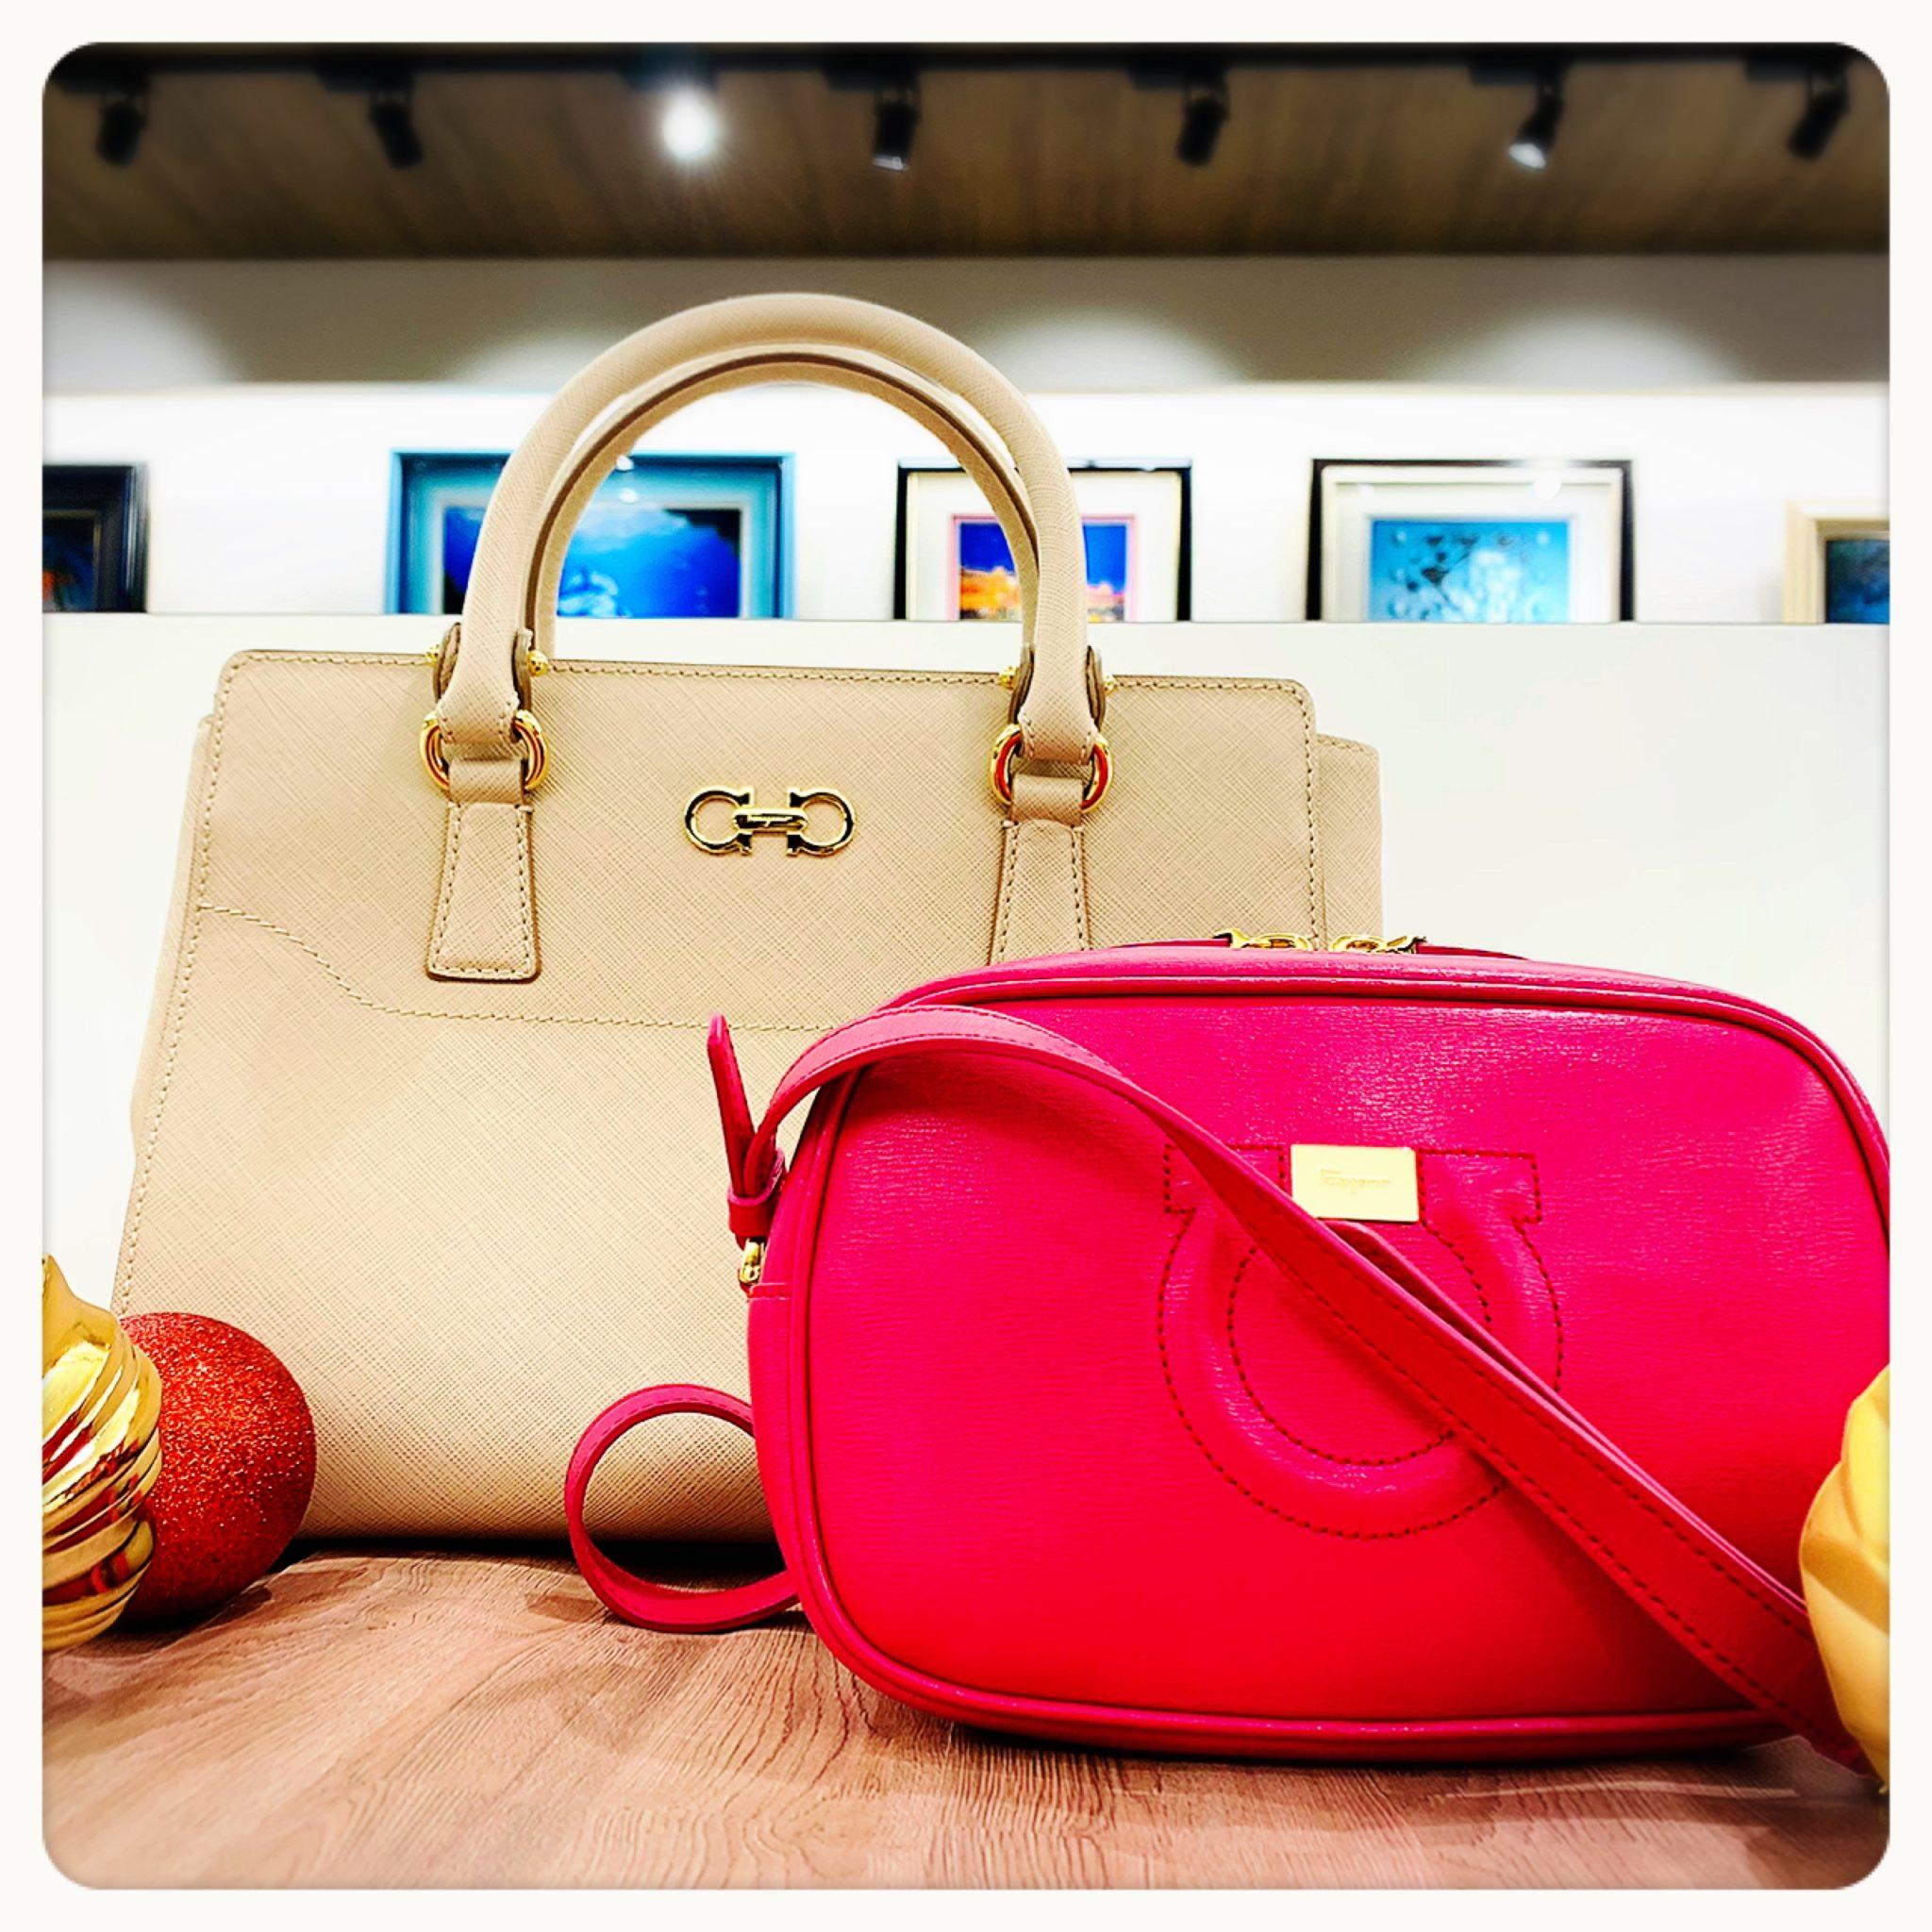 【フェラガモ 販売 盛岡】ピンクで可愛い♡Salvatore Ferragamo フェラガモの2WAYバッグ&ミニポシェット